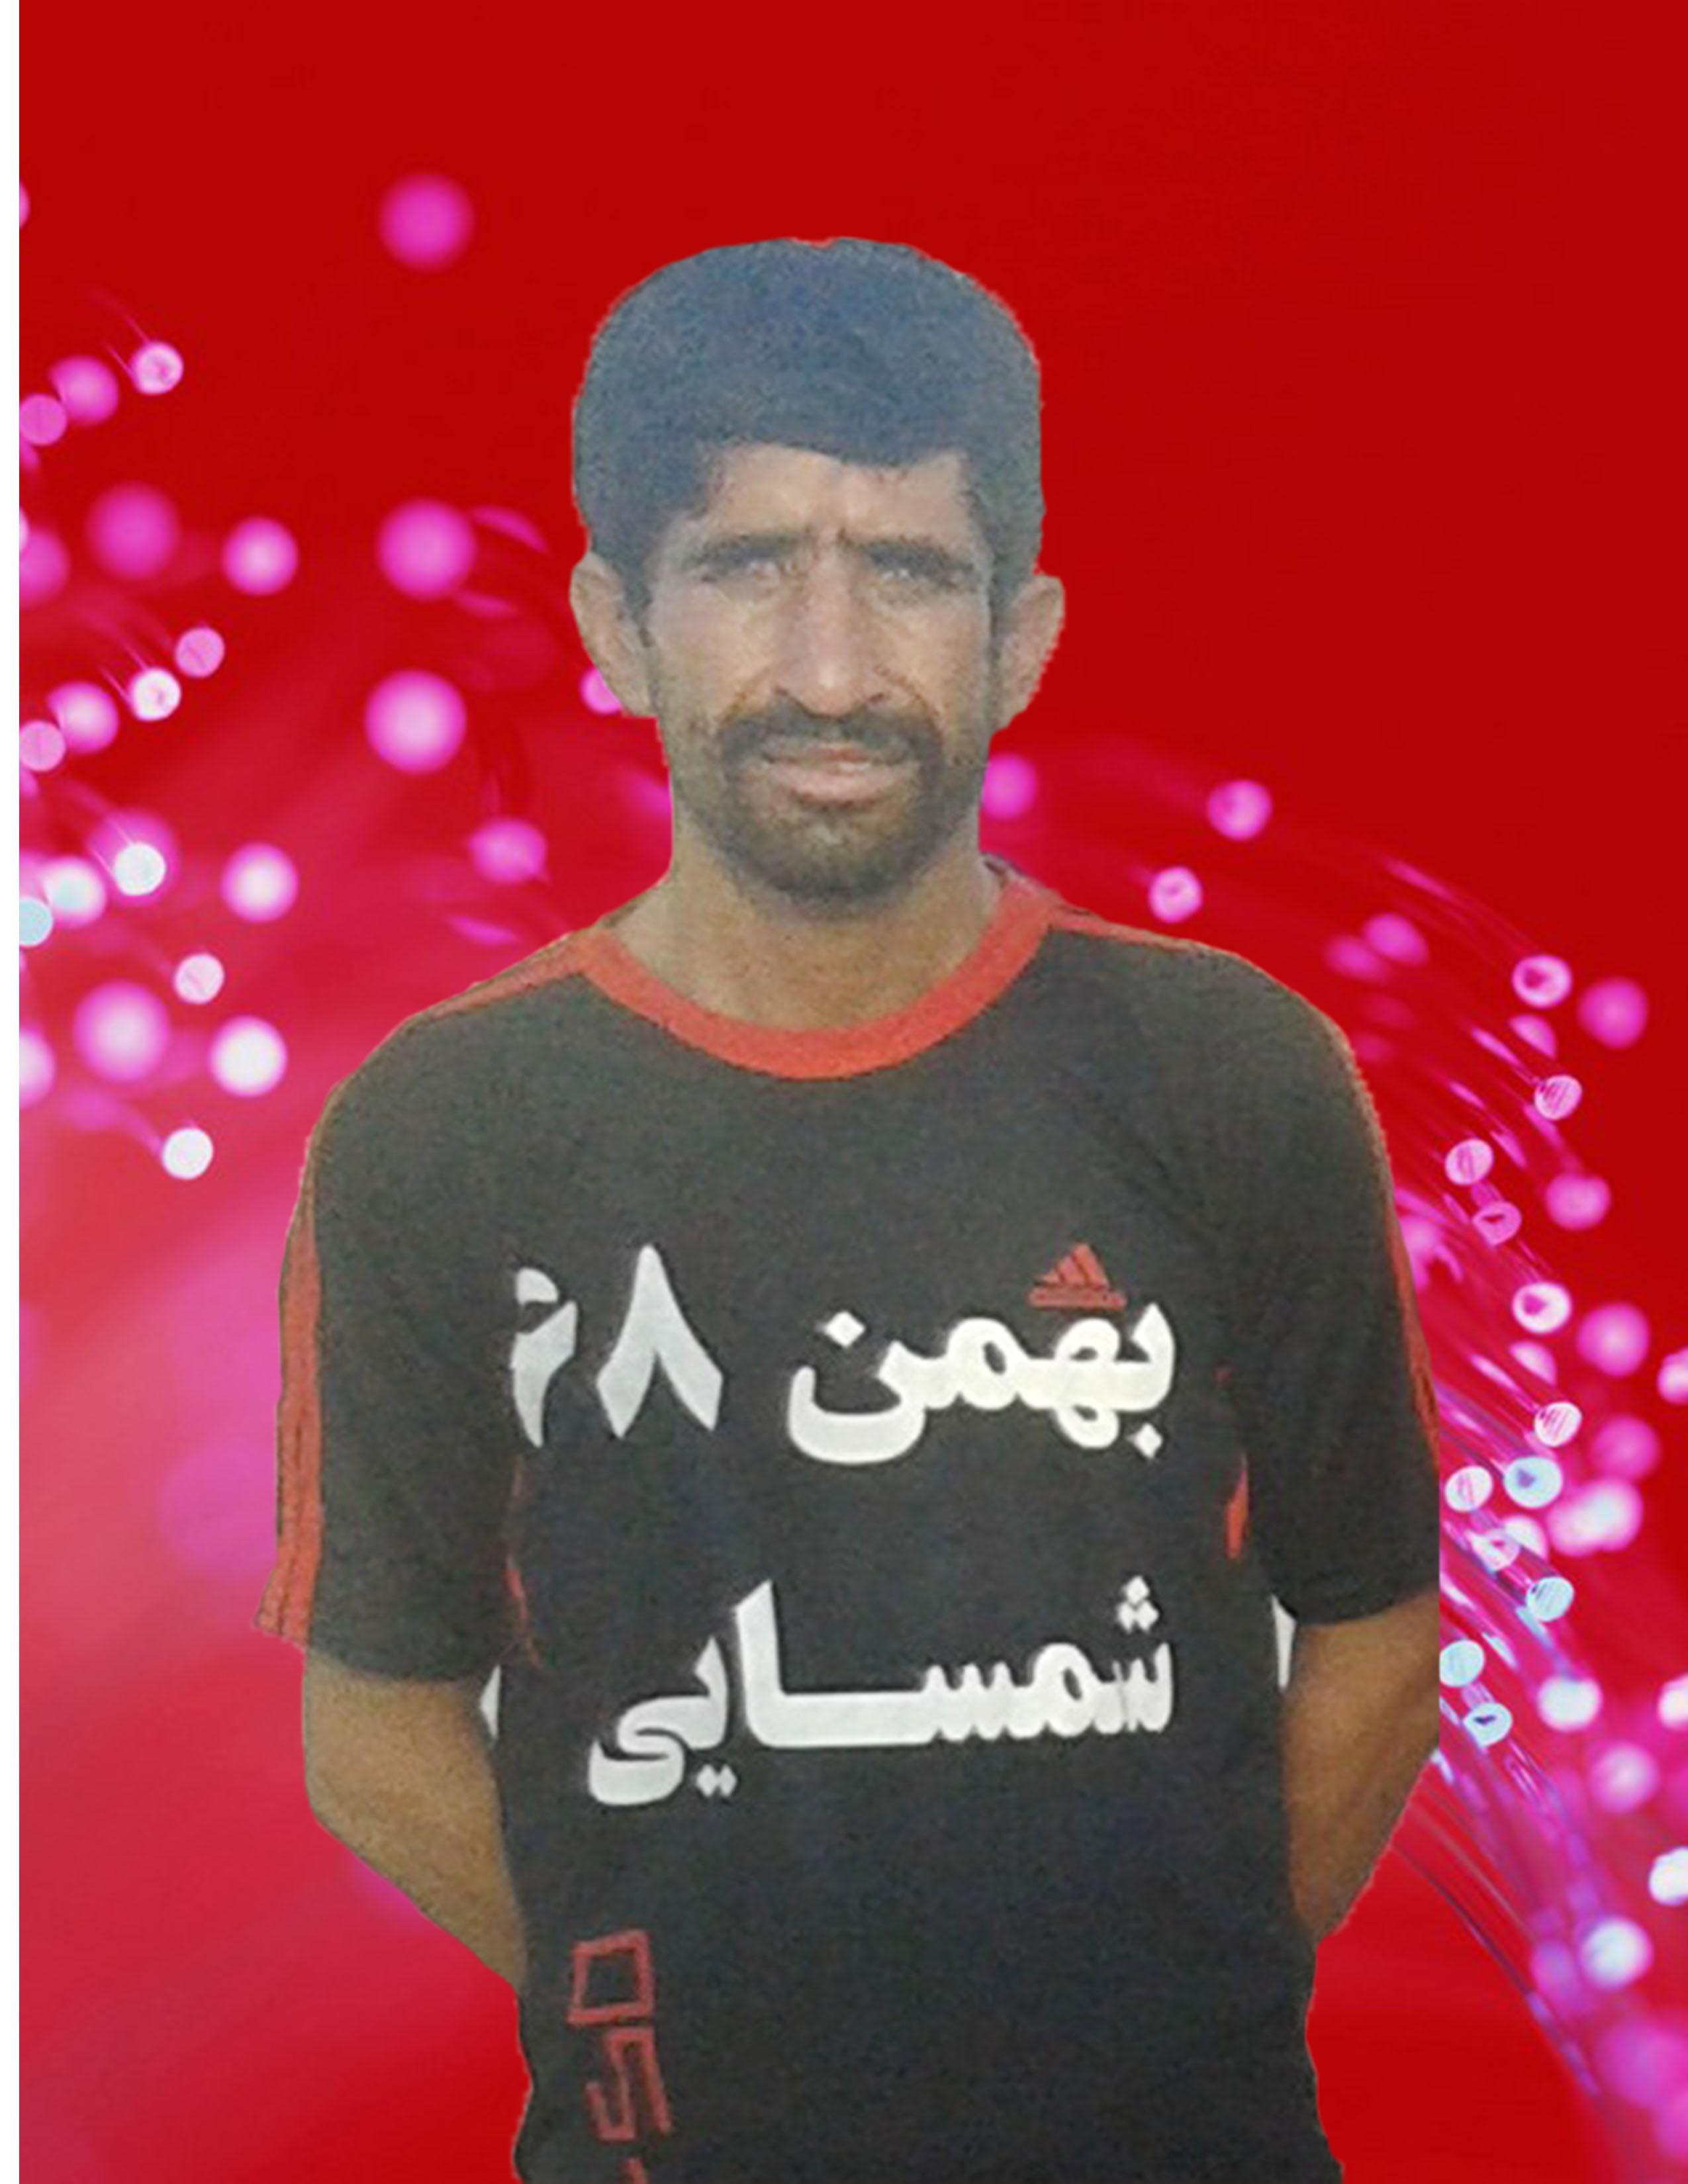 بیوگرافی عبدالله میری - ورزش شهرپیر